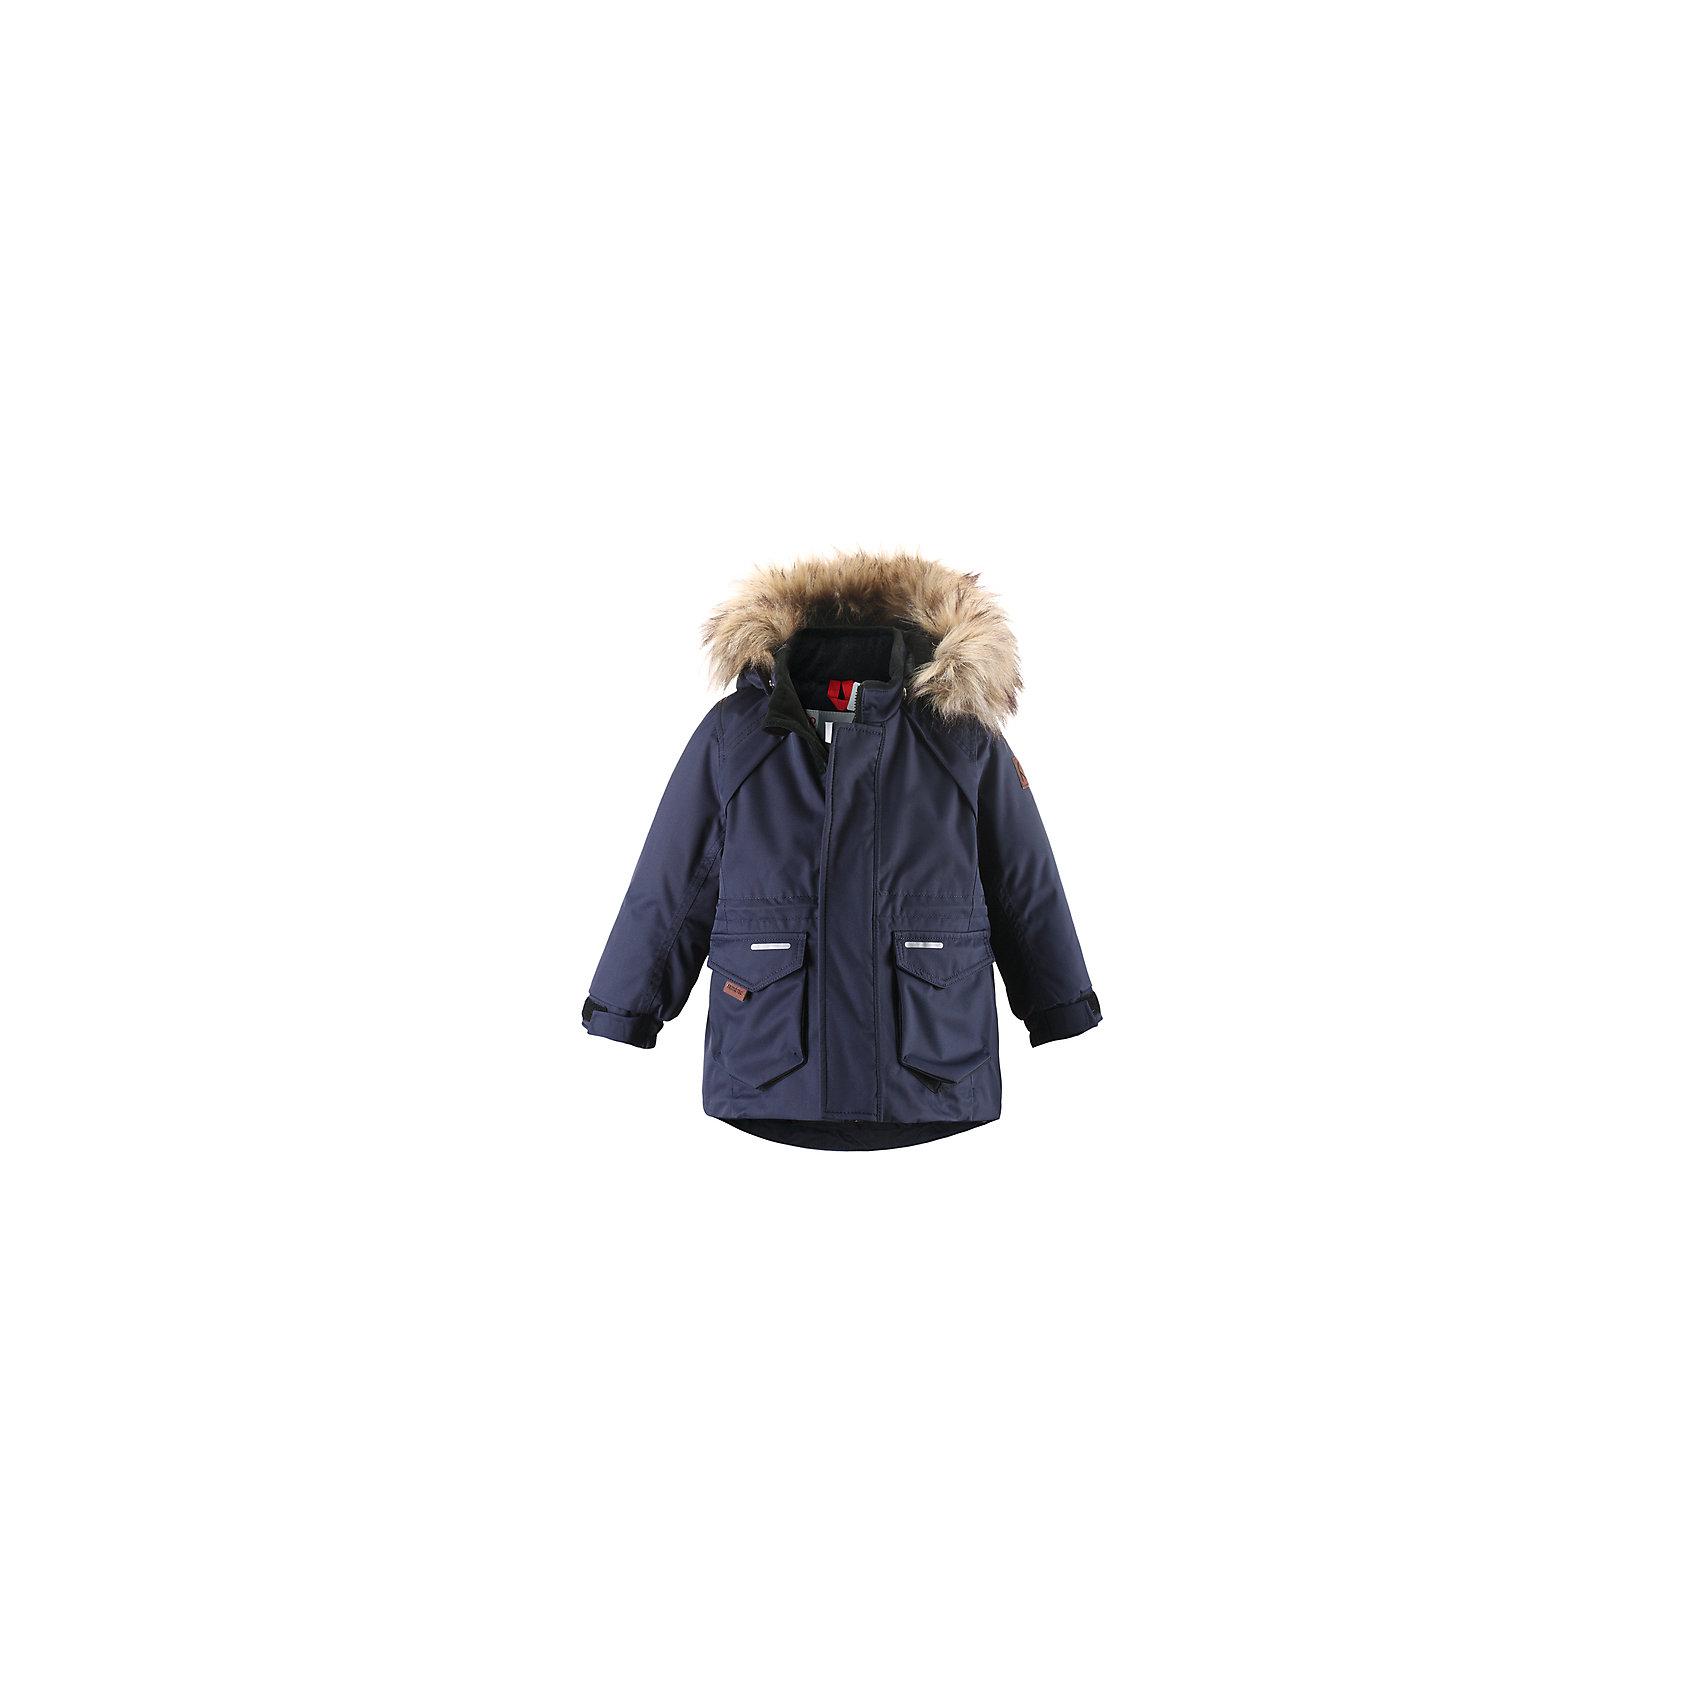 Куртка Reimatec® ReimaКуртка Reimatec (Рейматек) от популярной финской марки Reima.<br>Состав:<br>100% ПА, ПУ-покрытие<br><br>Особенности:<br>водонепроницаемая зимняя куртка<br>все швы проклеены<br>особый крой рукавов<br>отстегивающийся искусственный мех на капюшоне<br>липучки для регулировки манжет<br>отстегивающийся капюшон<br><br>Дополнительная информация:<br>Состав: 100% полиэстер<br>Водонепроницаемость: 12000 мм<br>Воздухонепроницаемость: 8000 г/м/24 ч<br>Износостойкость 30000 об. (тест Мартиндейла)<br>Водо и грязеотталкивающая пропитка<br>Утеплитель: 140 г<br>Температурный режим: до -20<br><br>Куртку Reimatec (Рейматек) Reima (Рейма) можно купить в нашем магазине.<br><br>Ширина мм: 356<br>Глубина мм: 10<br>Высота мм: 245<br>Вес г: 519<br>Цвет: синий<br>Возраст от месяцев: 6<br>Возраст до месяцев: 9<br>Пол: Унисекс<br>Возраст: Детский<br>Размер: 74,98,80,86,92<br>SKU: 3924795